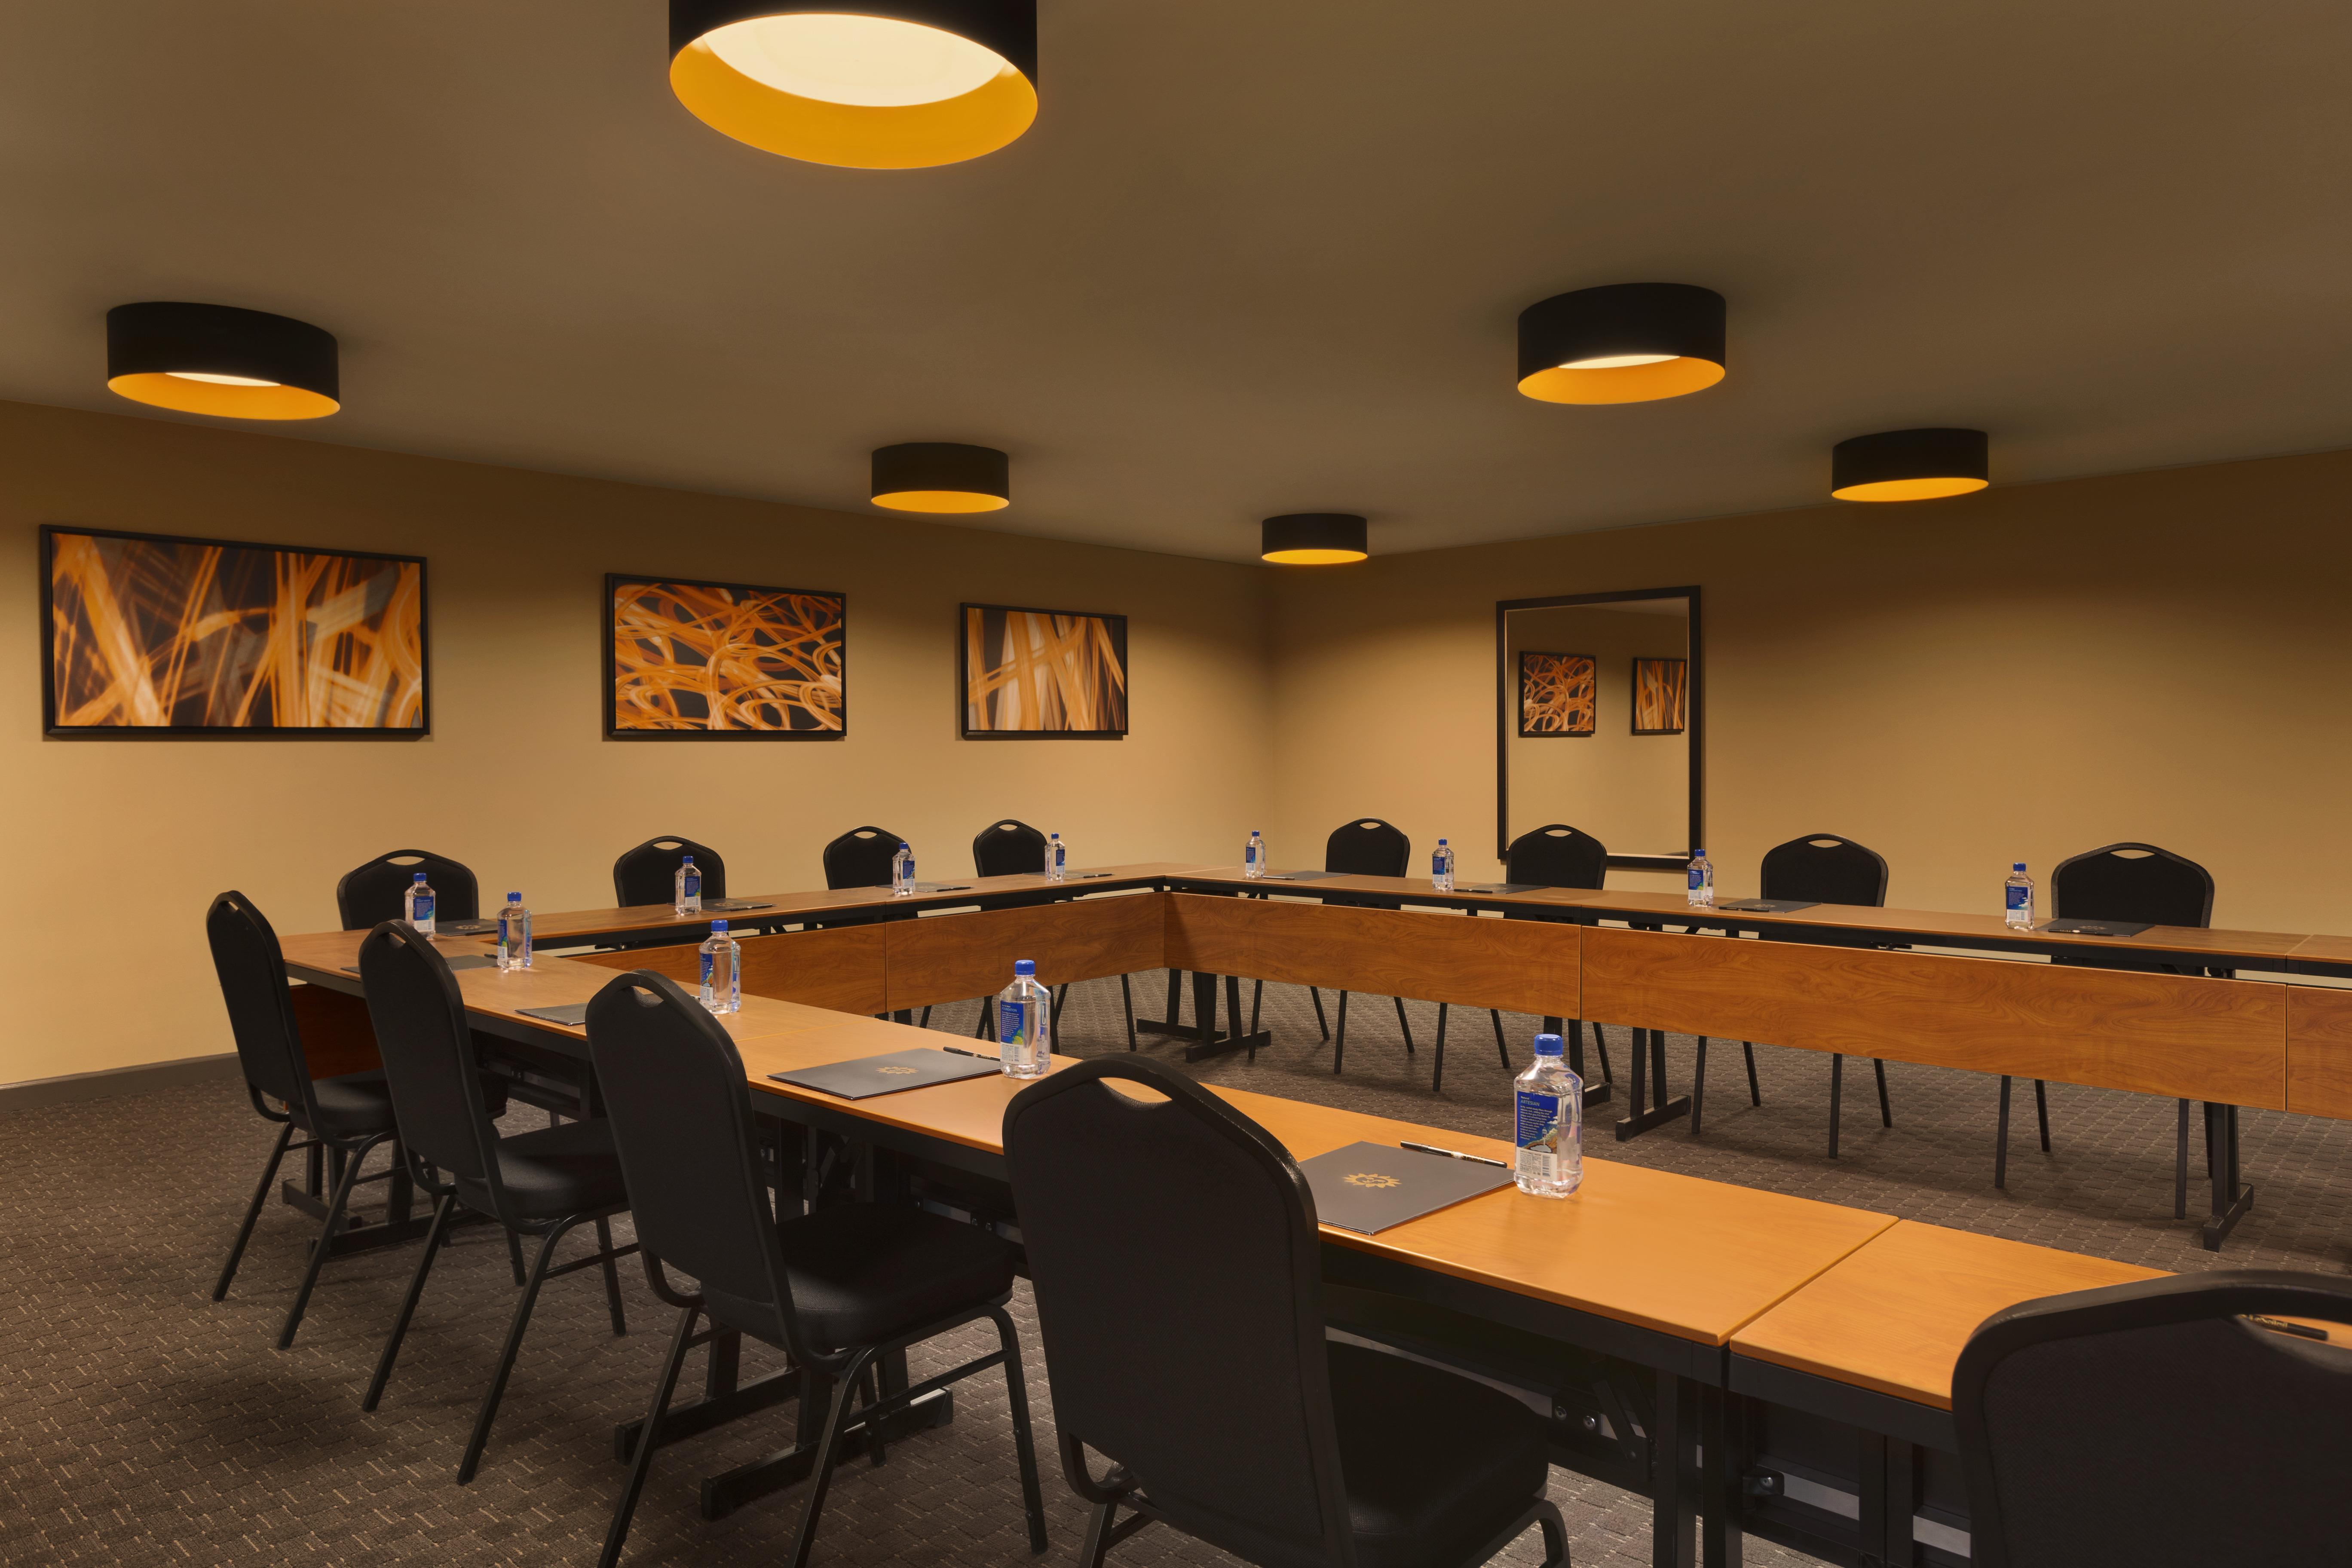 Hotel Le Soleil - Bon Vivant Meeting Room